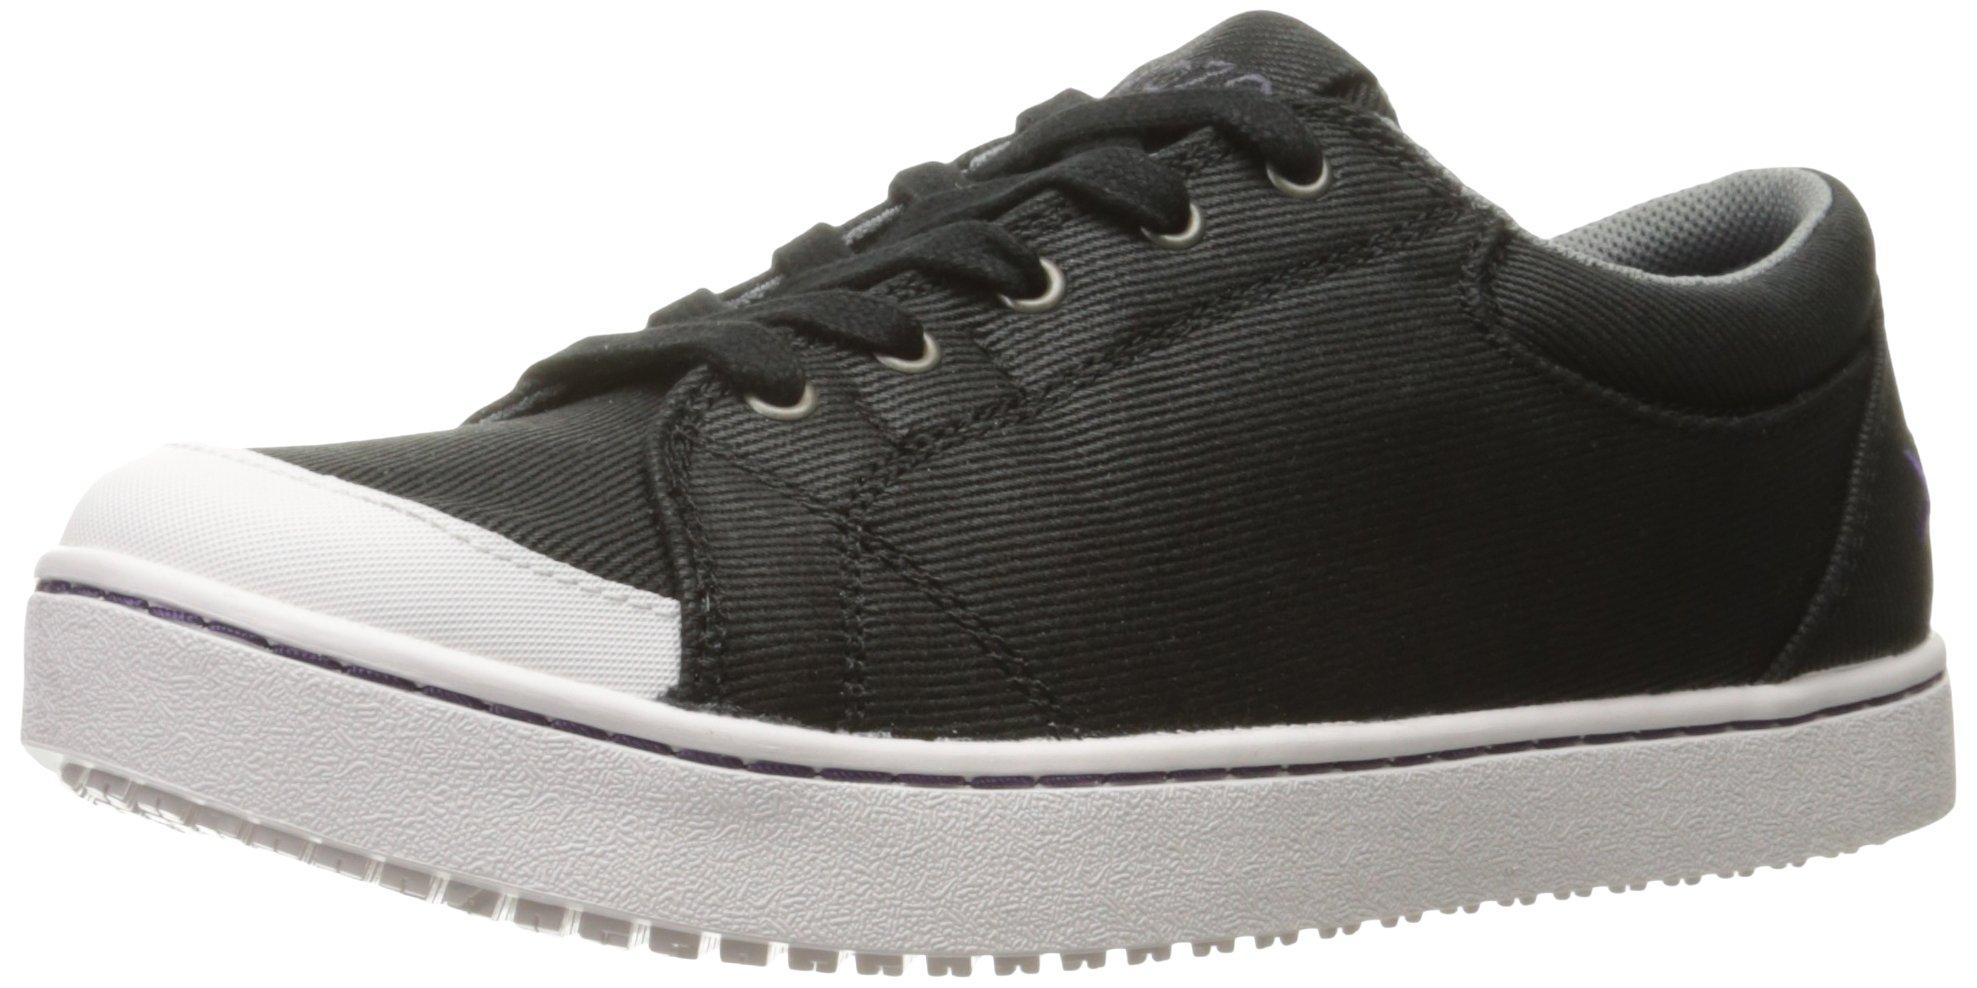 MOZO Women's Maven Food Service Shoe, Black/White, 9.5 B US